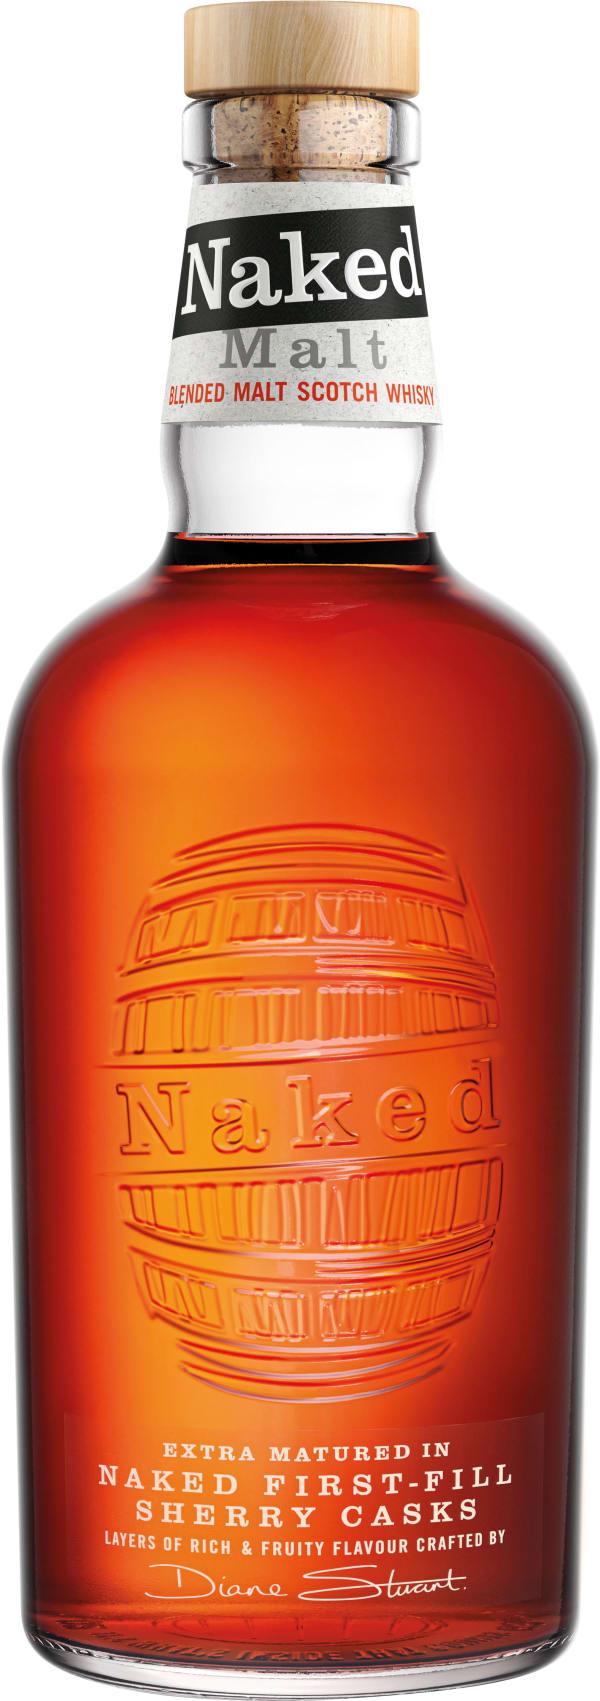 Naked Grouse Blended Malt